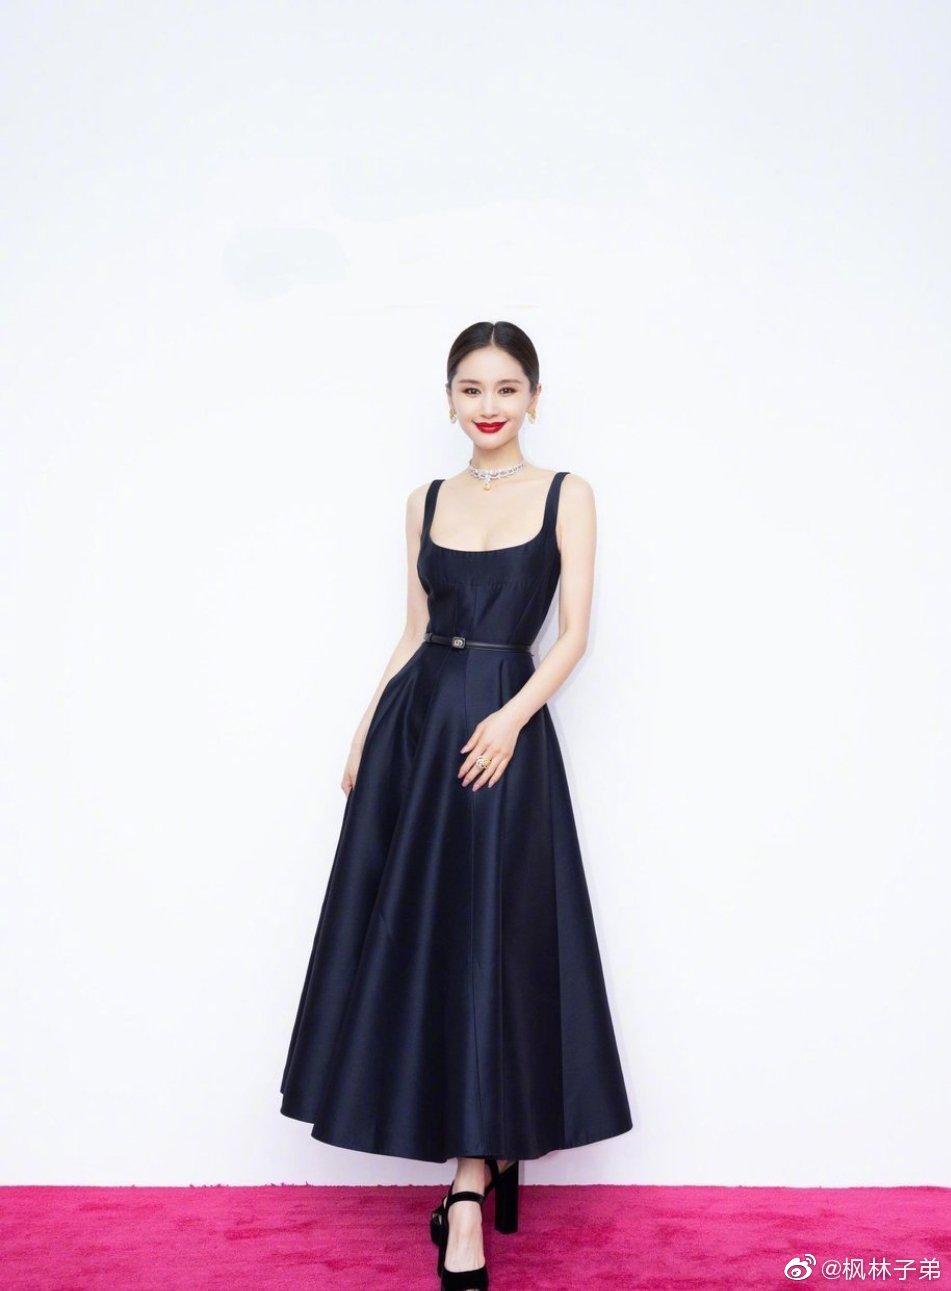 """Jisoo Dior Diện đồ Dior lấy cảm hứng từ Jisoo, Angela Baby và dàn sao Cbiz ngậm ngùi lép vế """"bản gốc""""? - Ảnh 5."""